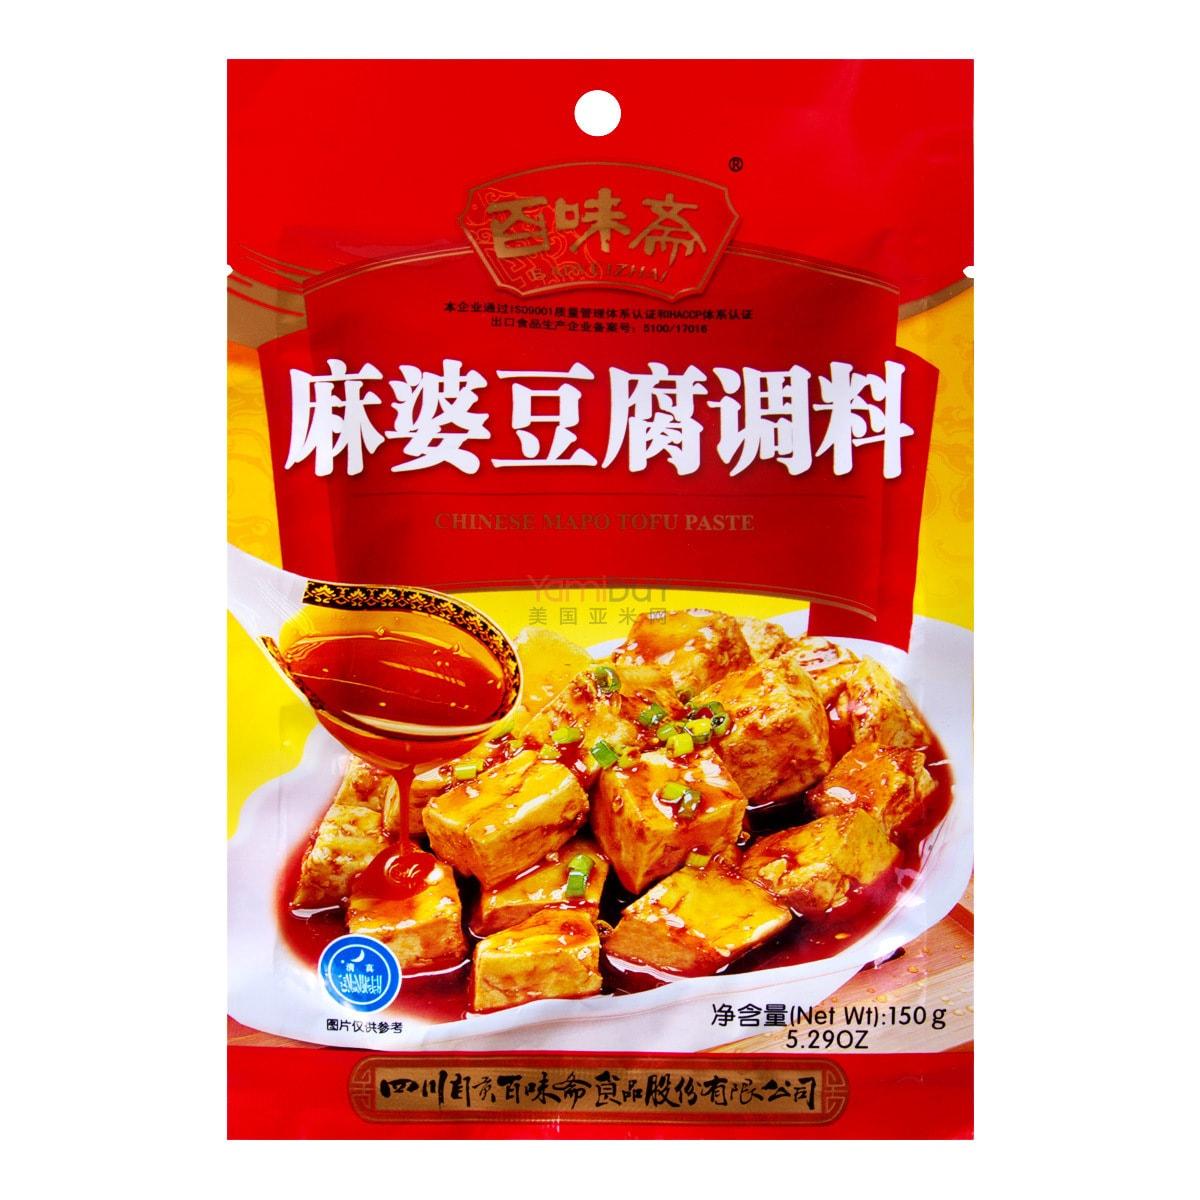 BAIWEIZHAI Chinese Mapo Tofu Paste 150g